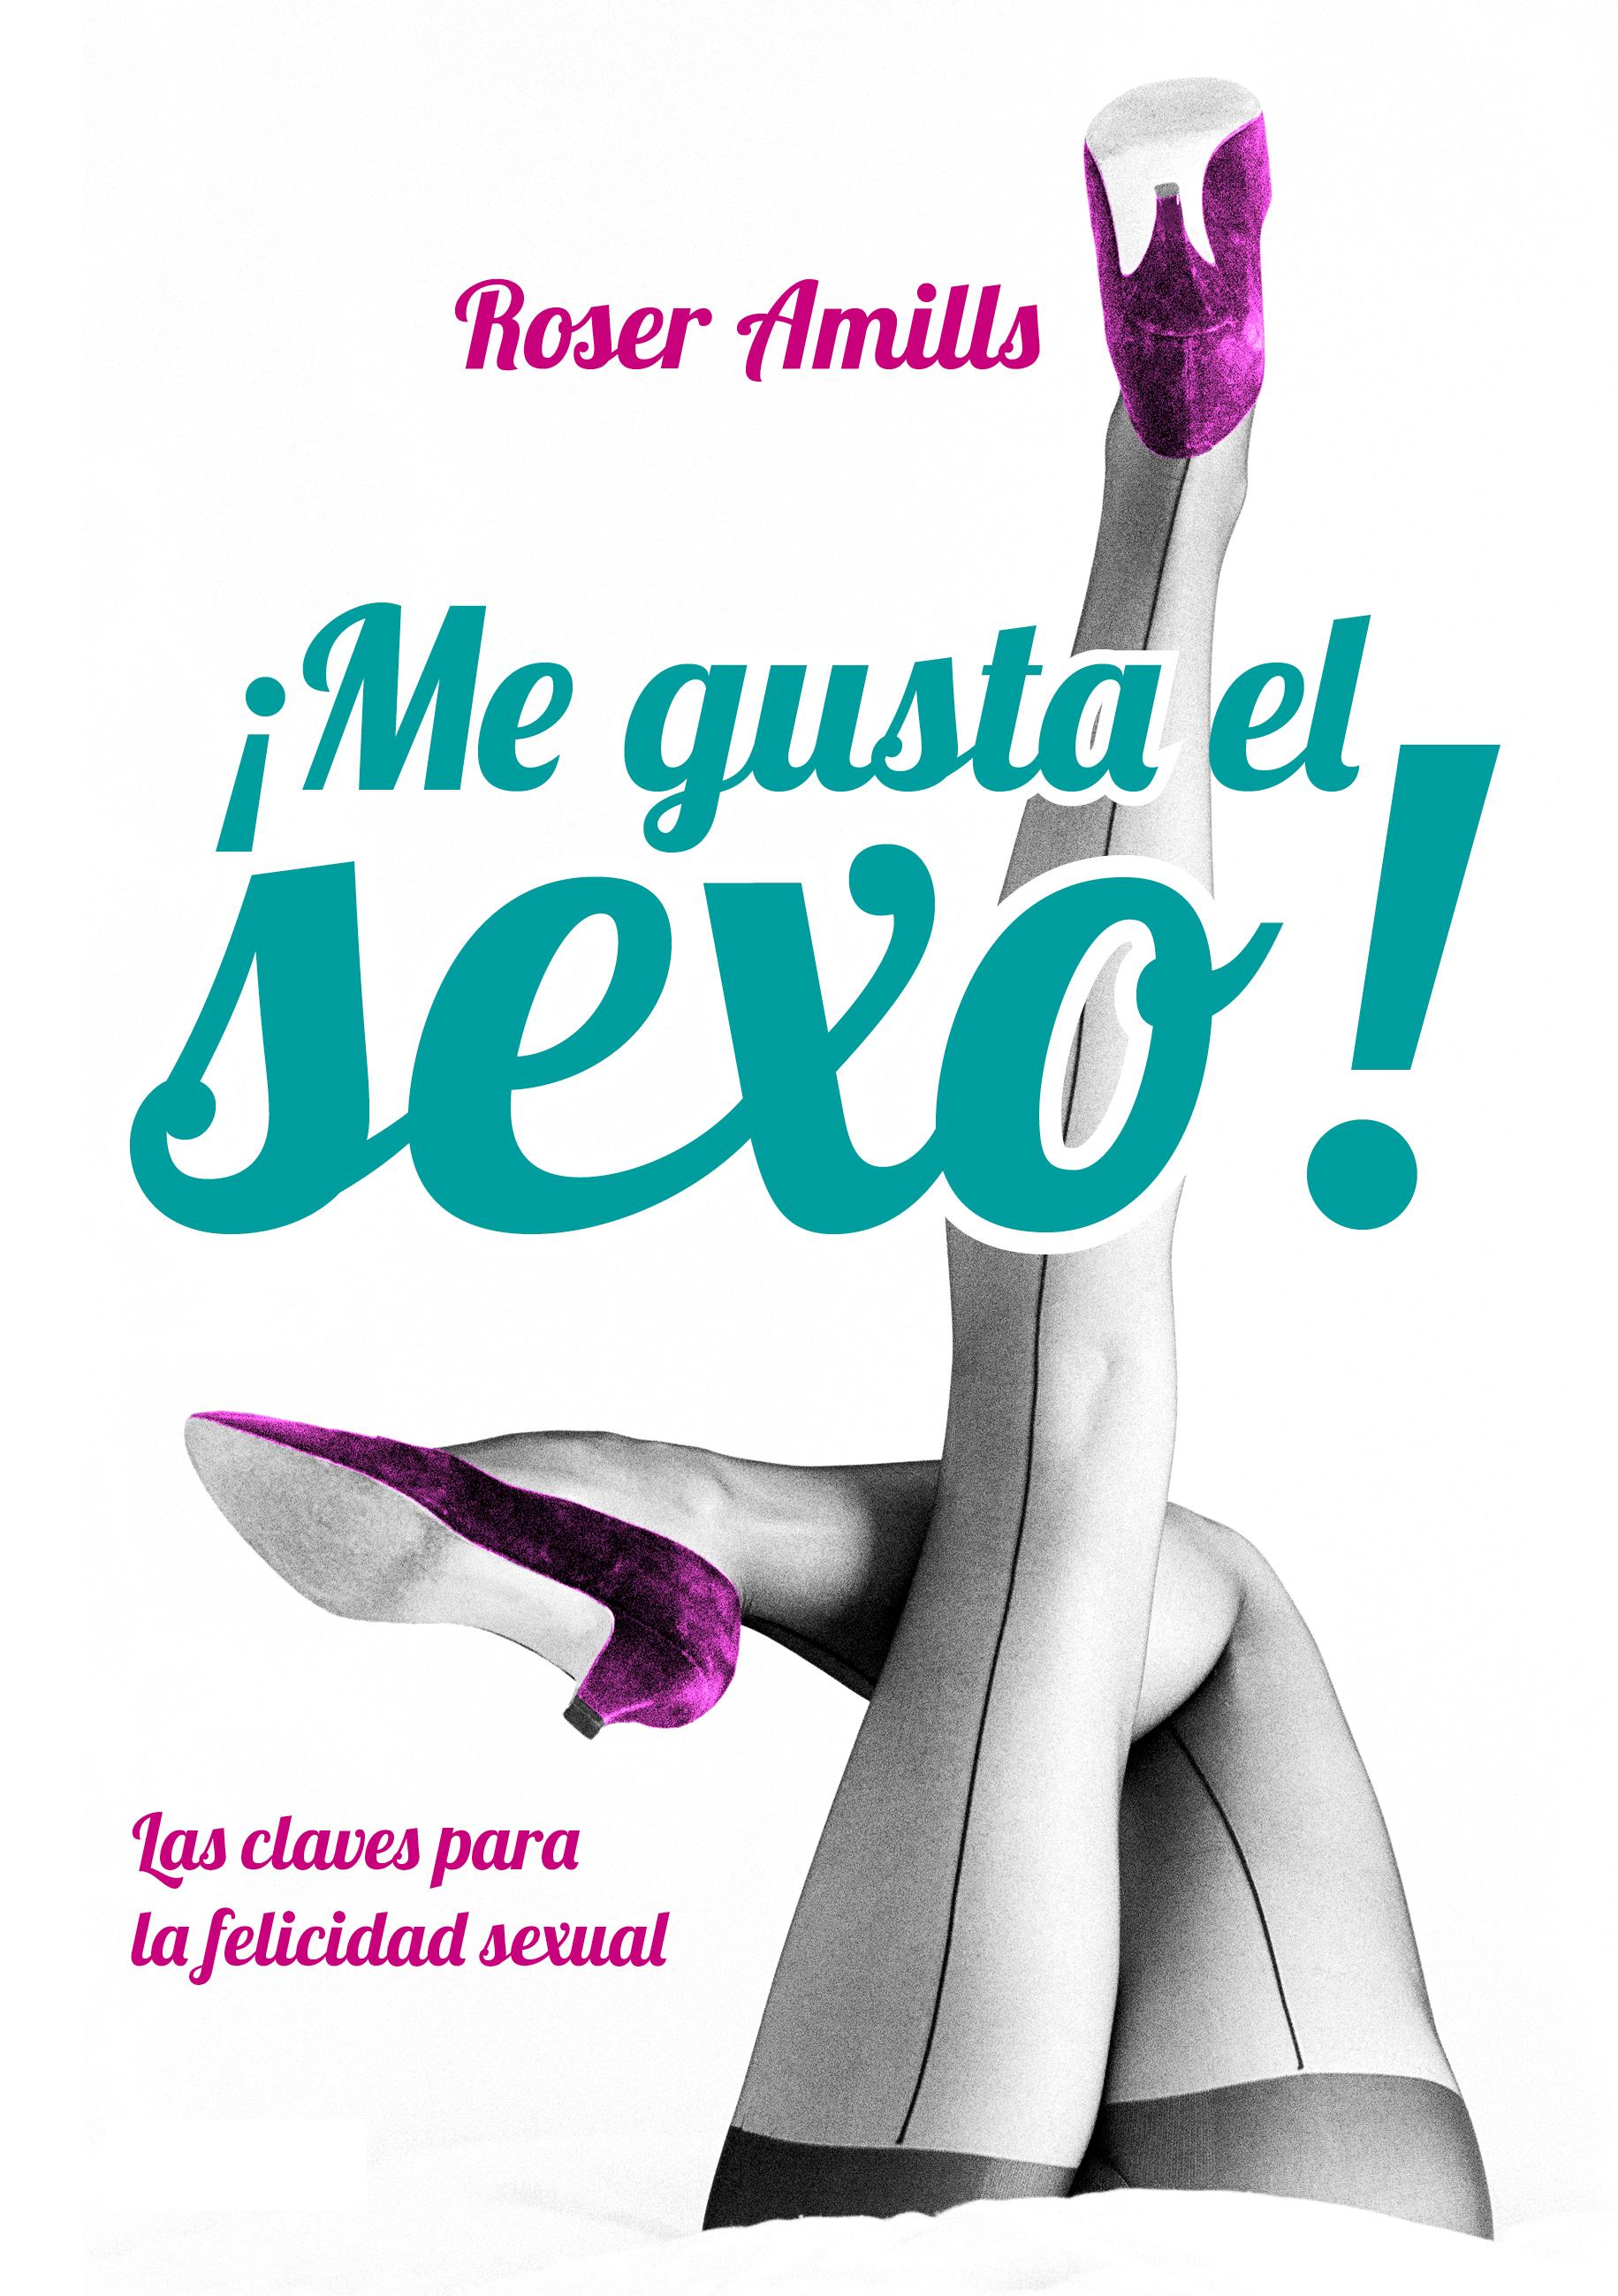 Perú | Editoriales enfrentan crisis con literatura caliente y fantasías eróticas